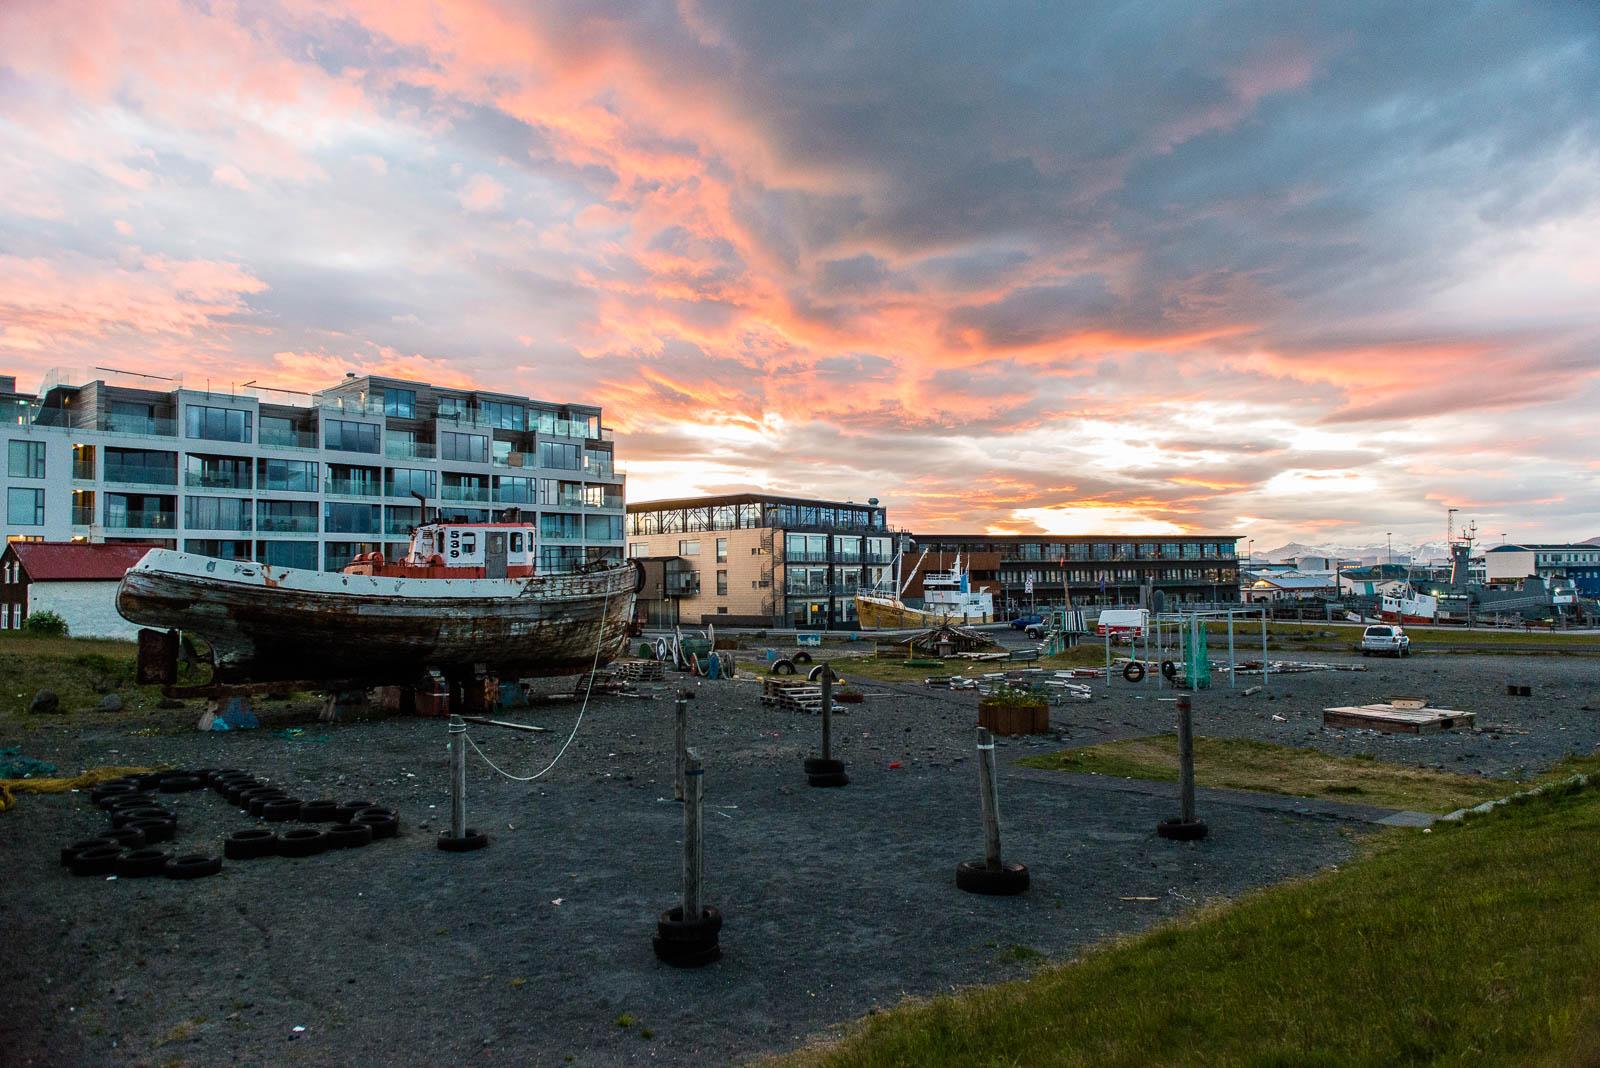 iceland-reykjavik-31